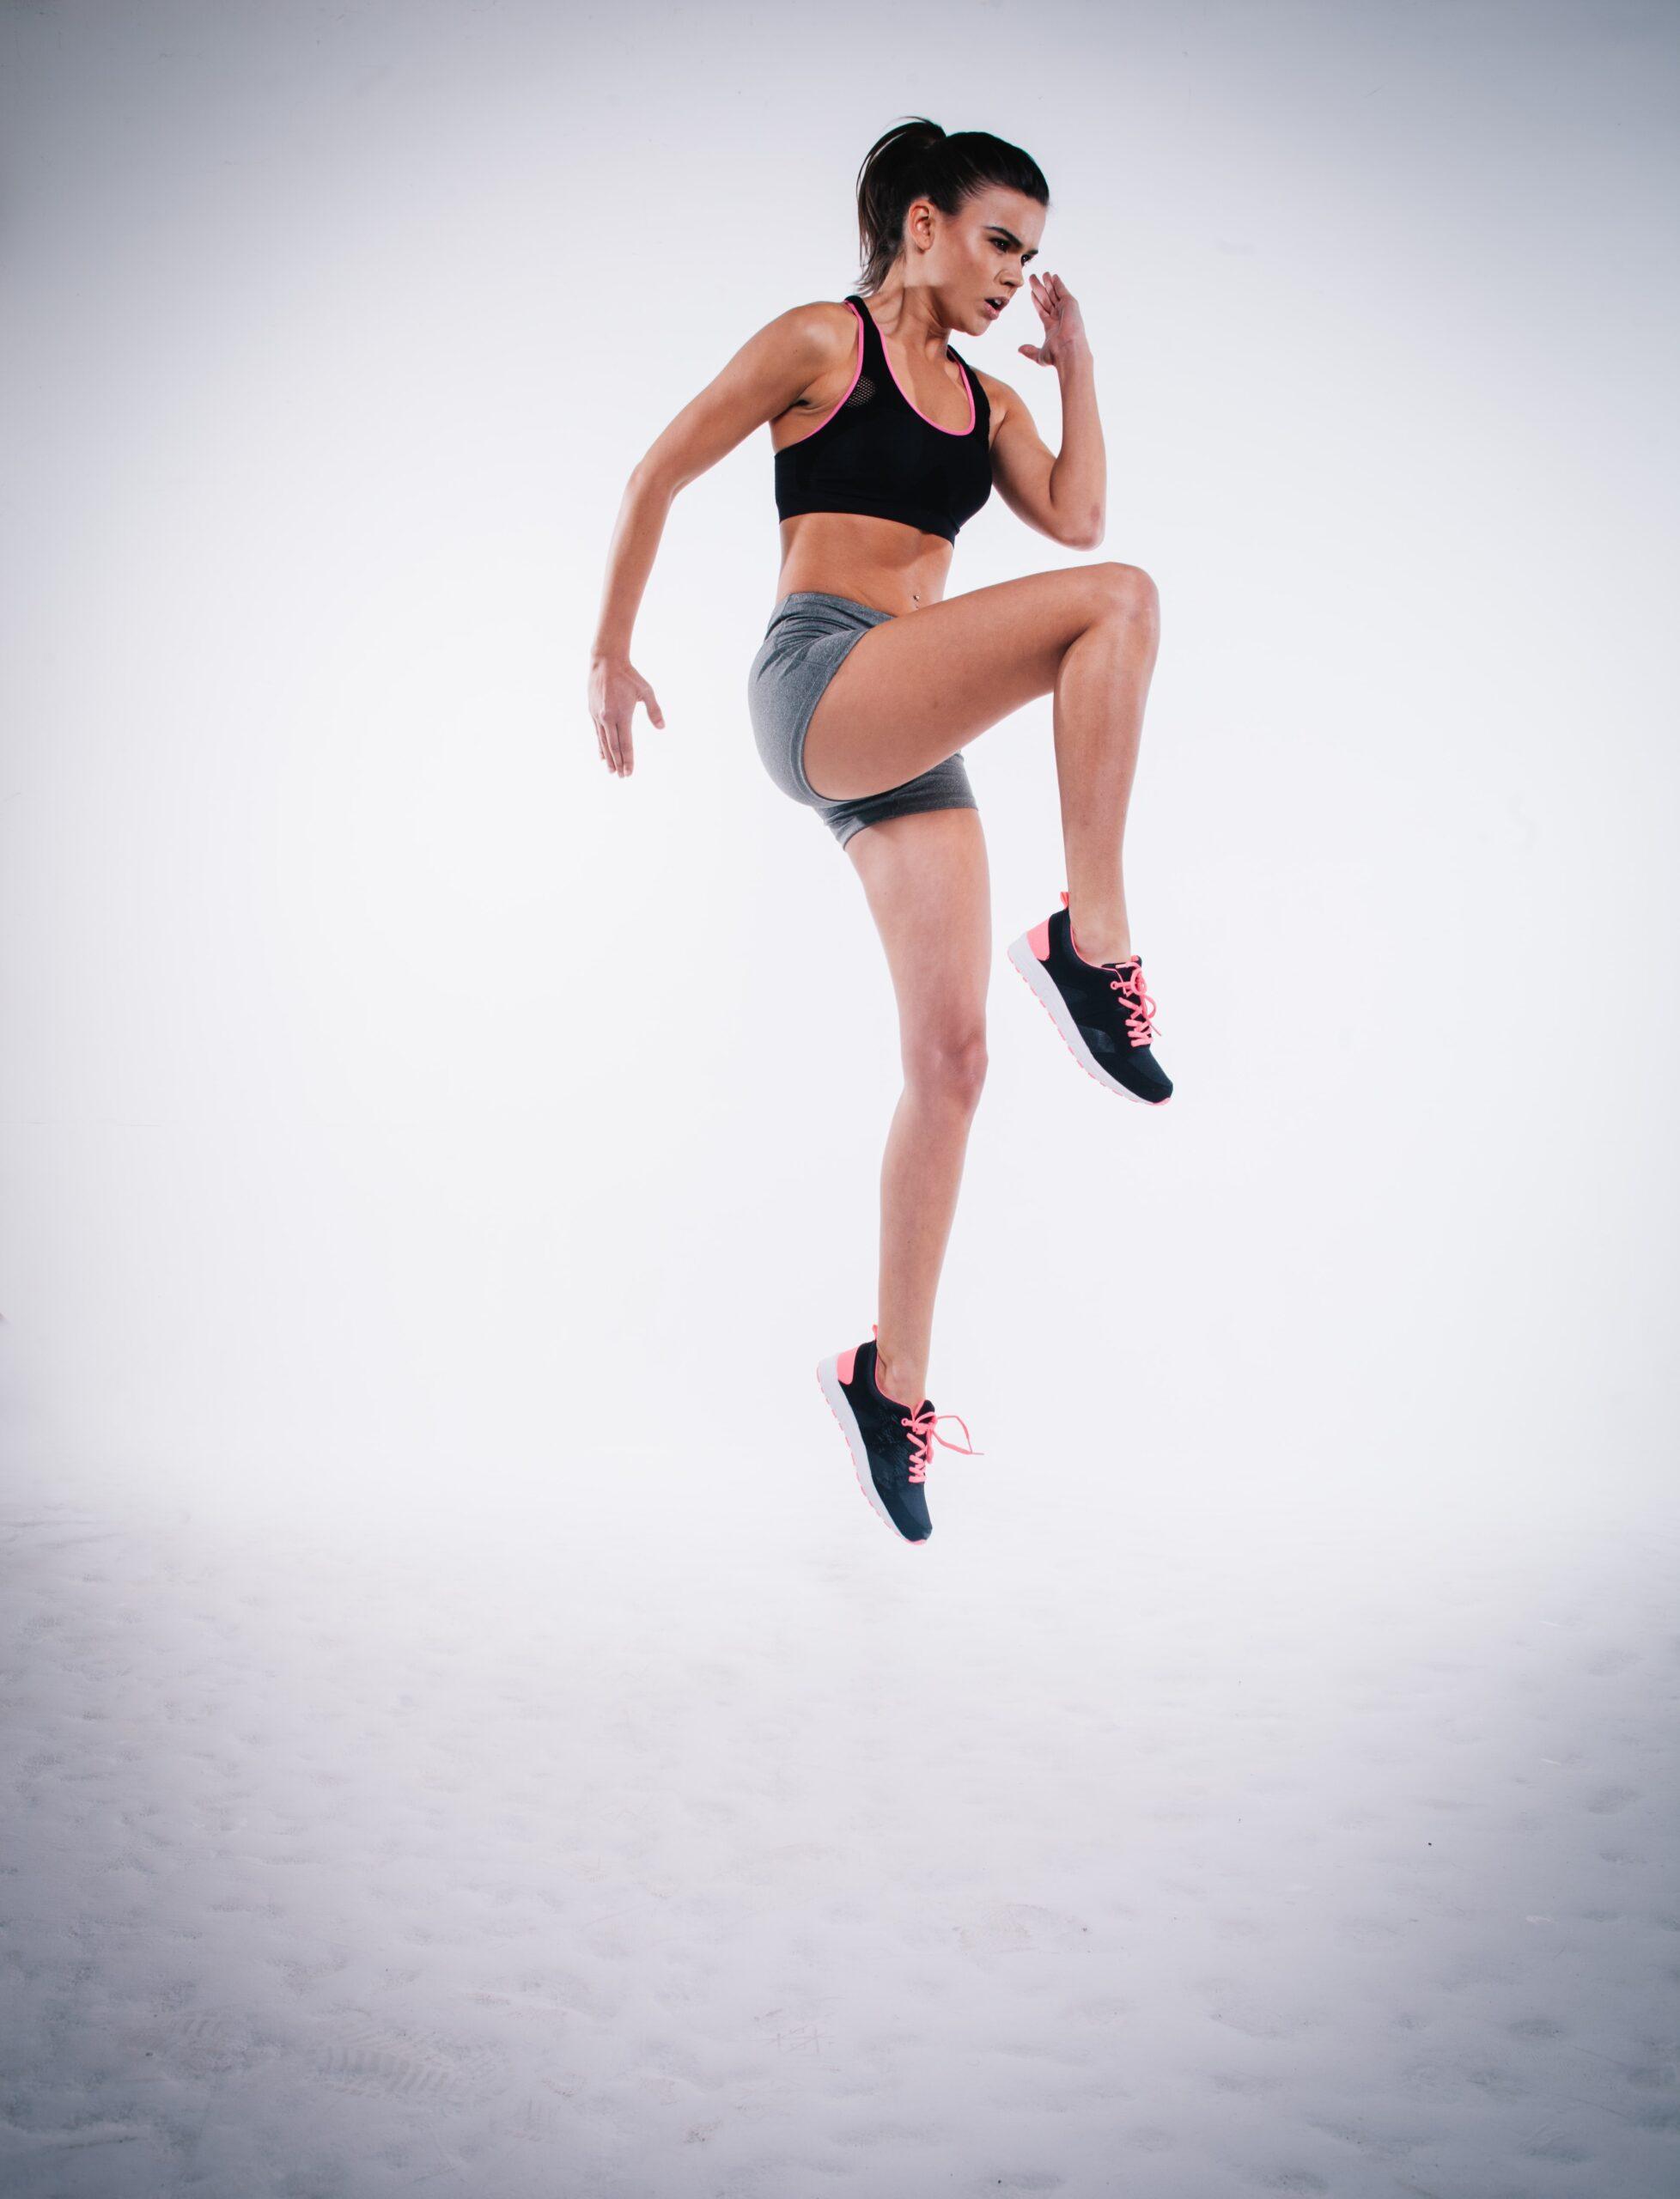 馬場ふみかが「真似したい」飛び込み選手のヒップアップ!なぜヒップアップすると脚長効果があるの?